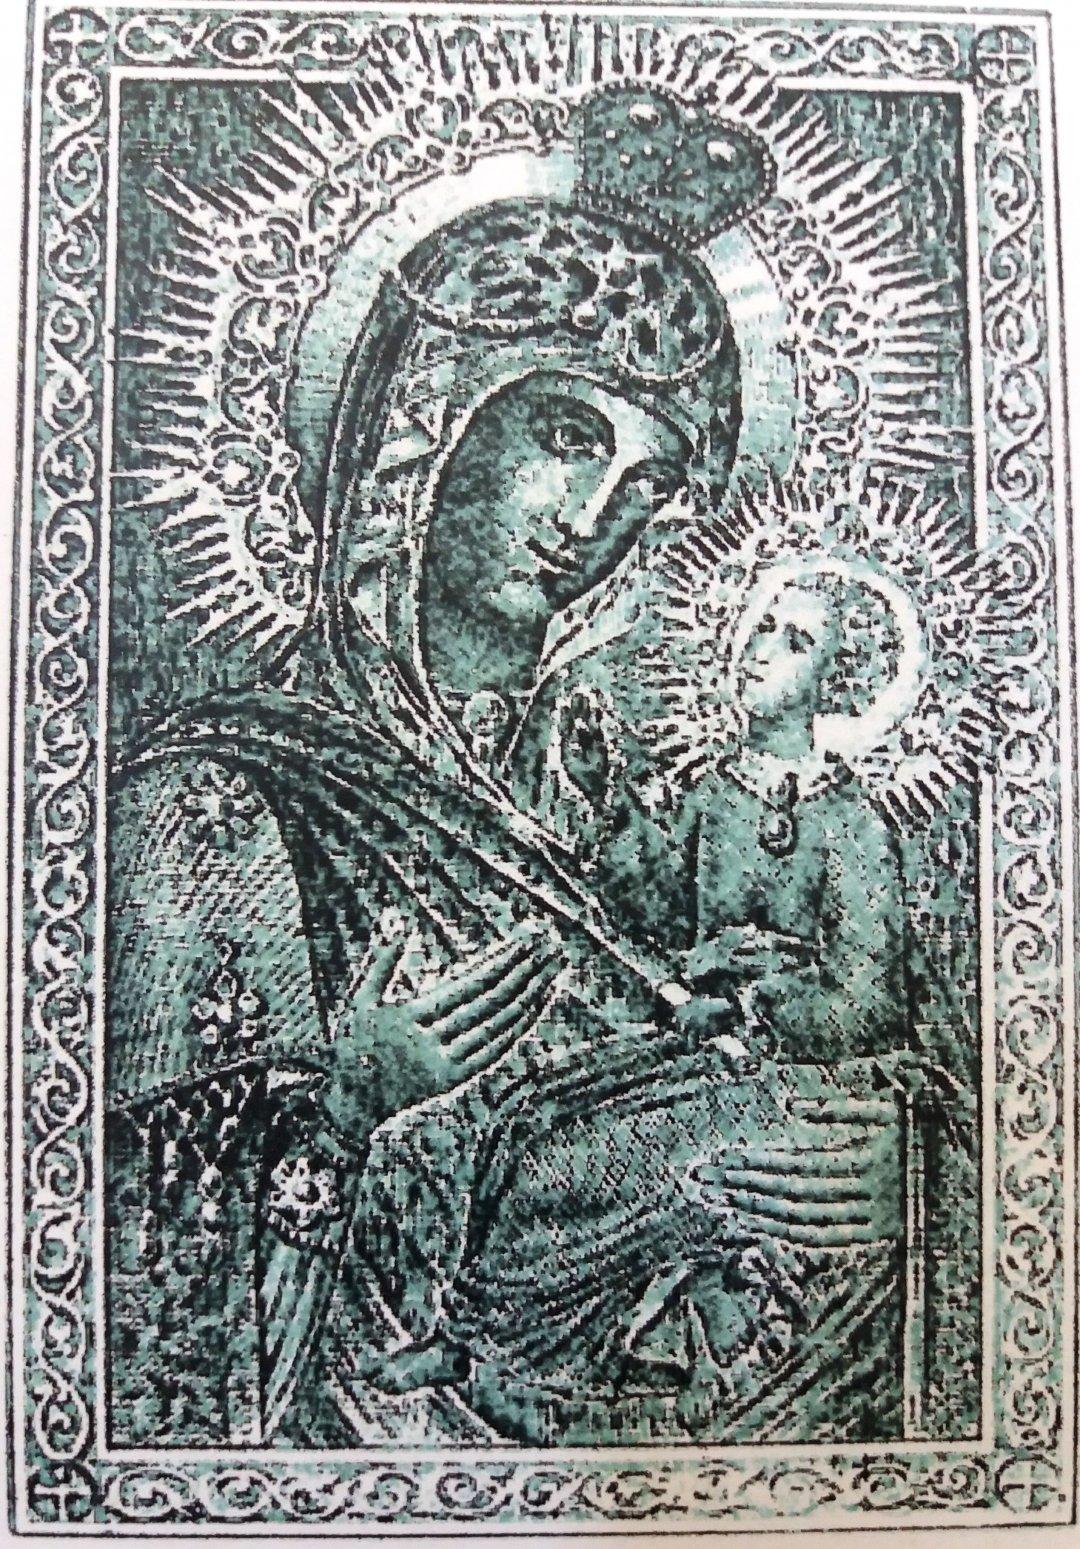 Віленська ікона Матері Божої Одигітрії